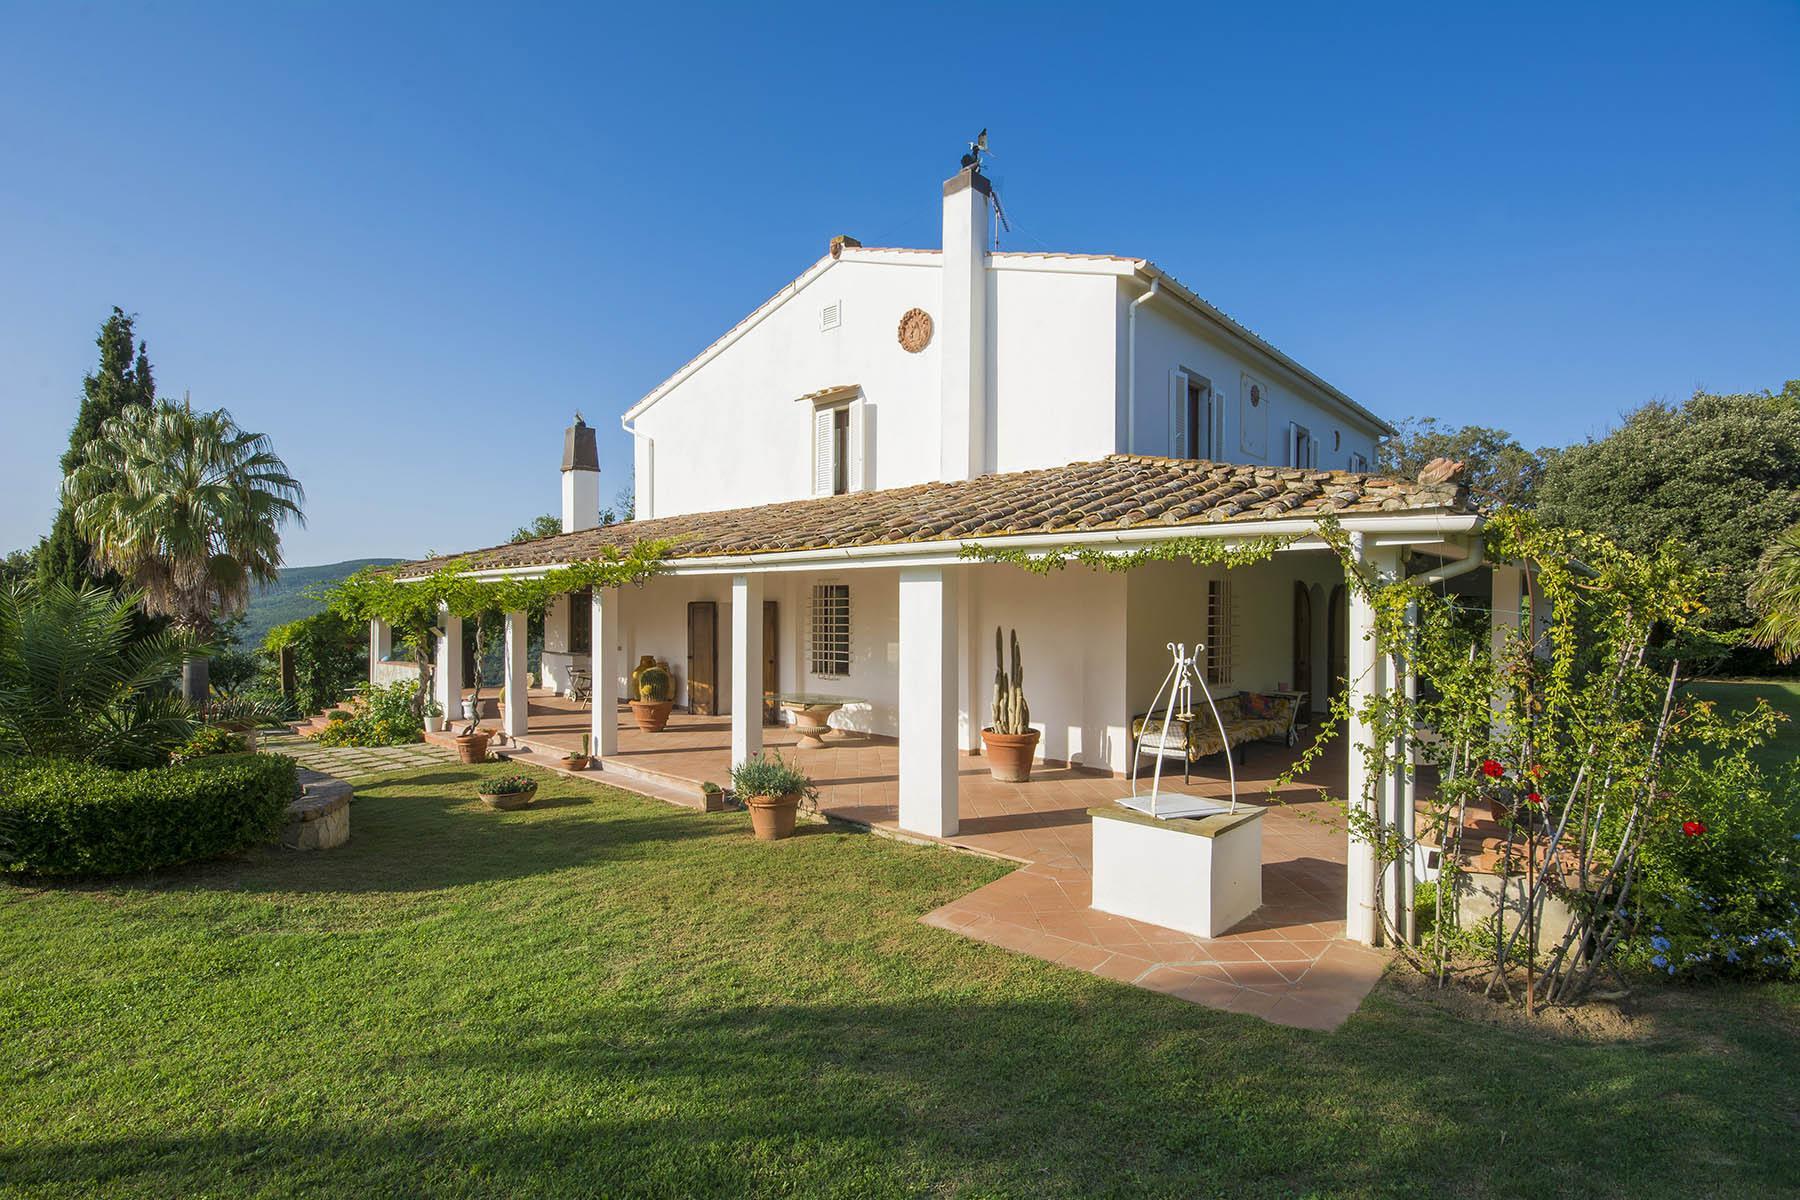 Villa in collina vista mare, nei pressi di Castiglioncello - 5